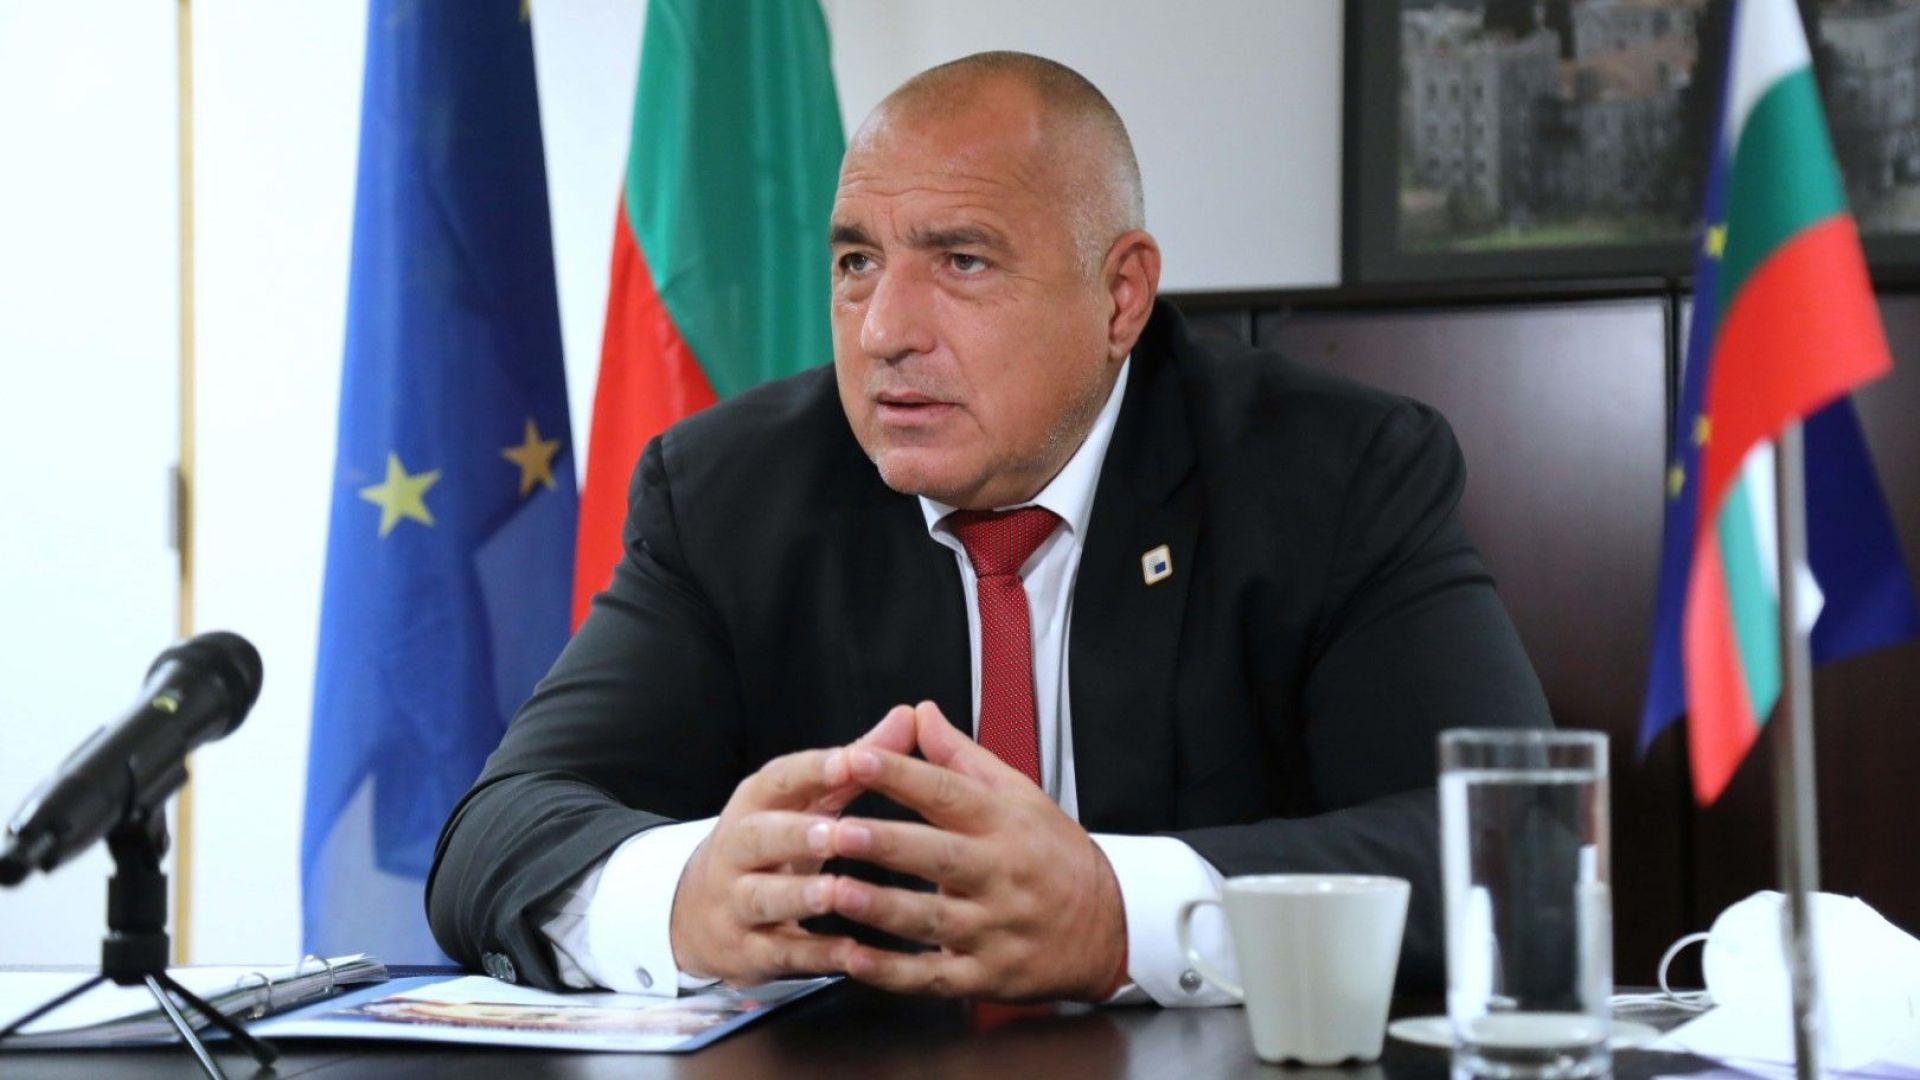 Борисов: Ще настоявам за пълна прозрачност по отношение на снабдяването с ваксините